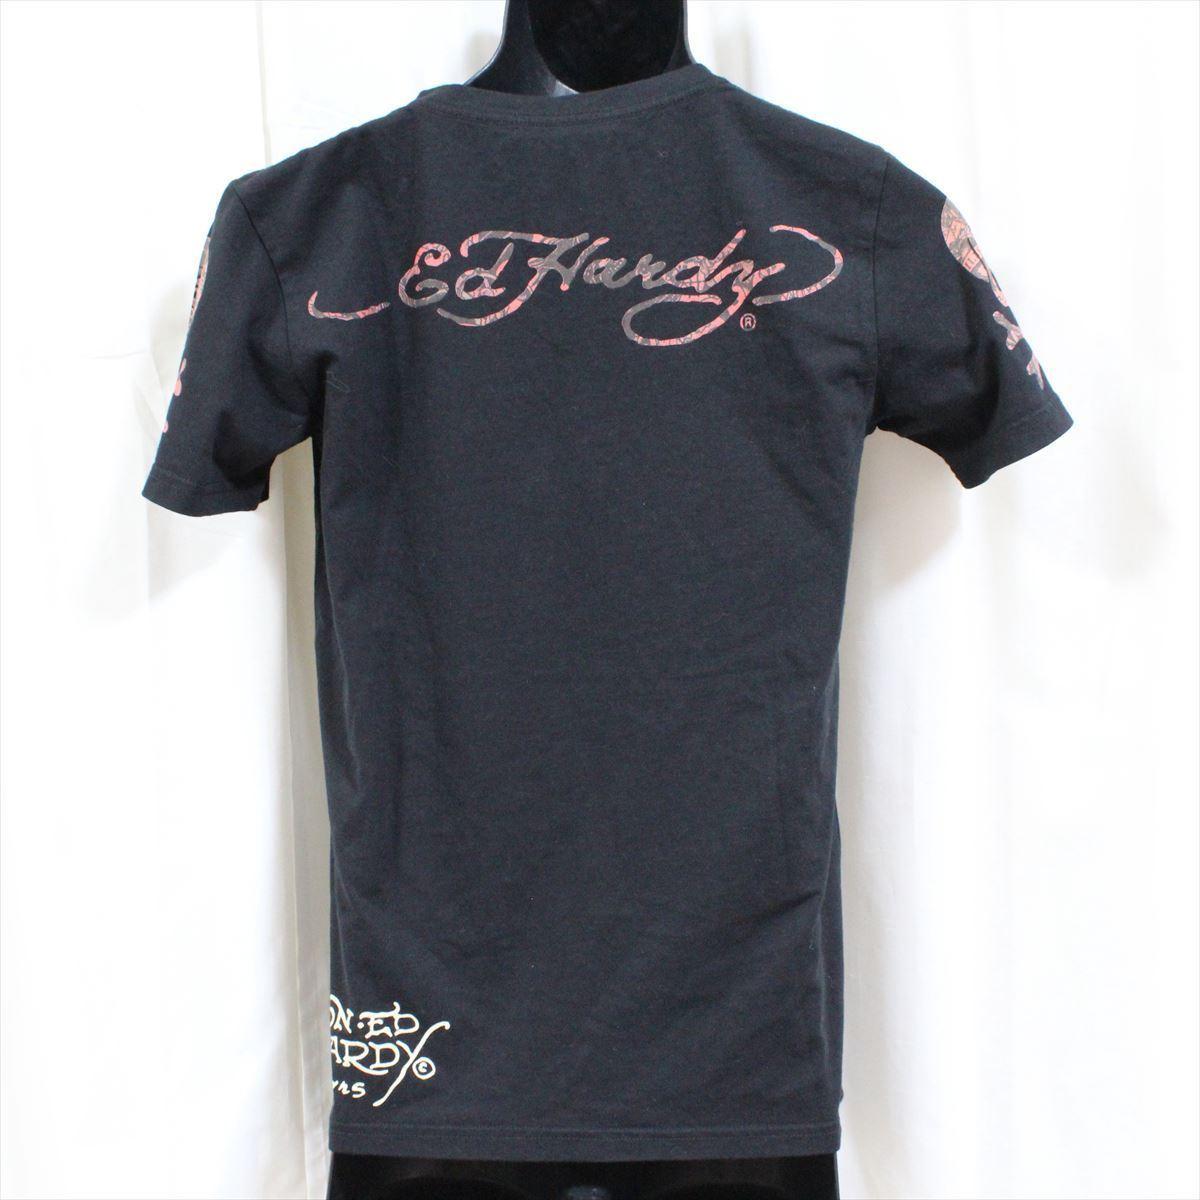 エドハーディー ED HARDY メンズ半袖Tシャツ ブラック Sサイズ 新品 Vネック 黒_画像4